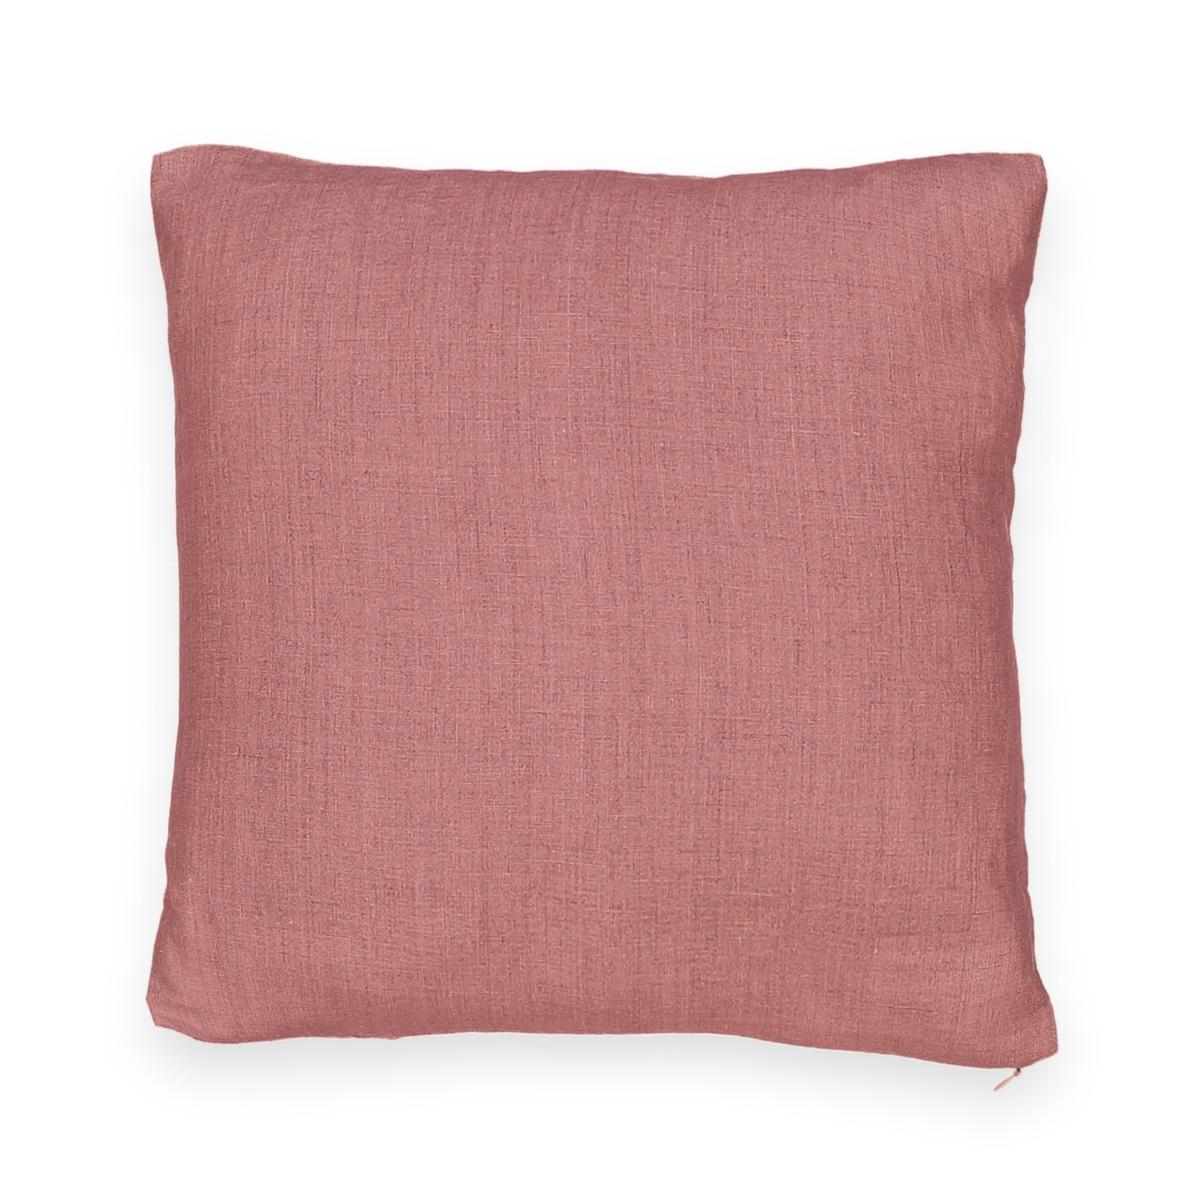 Чехол La Redoute На подушку-валик из стираного льна ONEGA 50 x 30 см розовый штора затемняющая из стираного льна с кожаными шлевками private